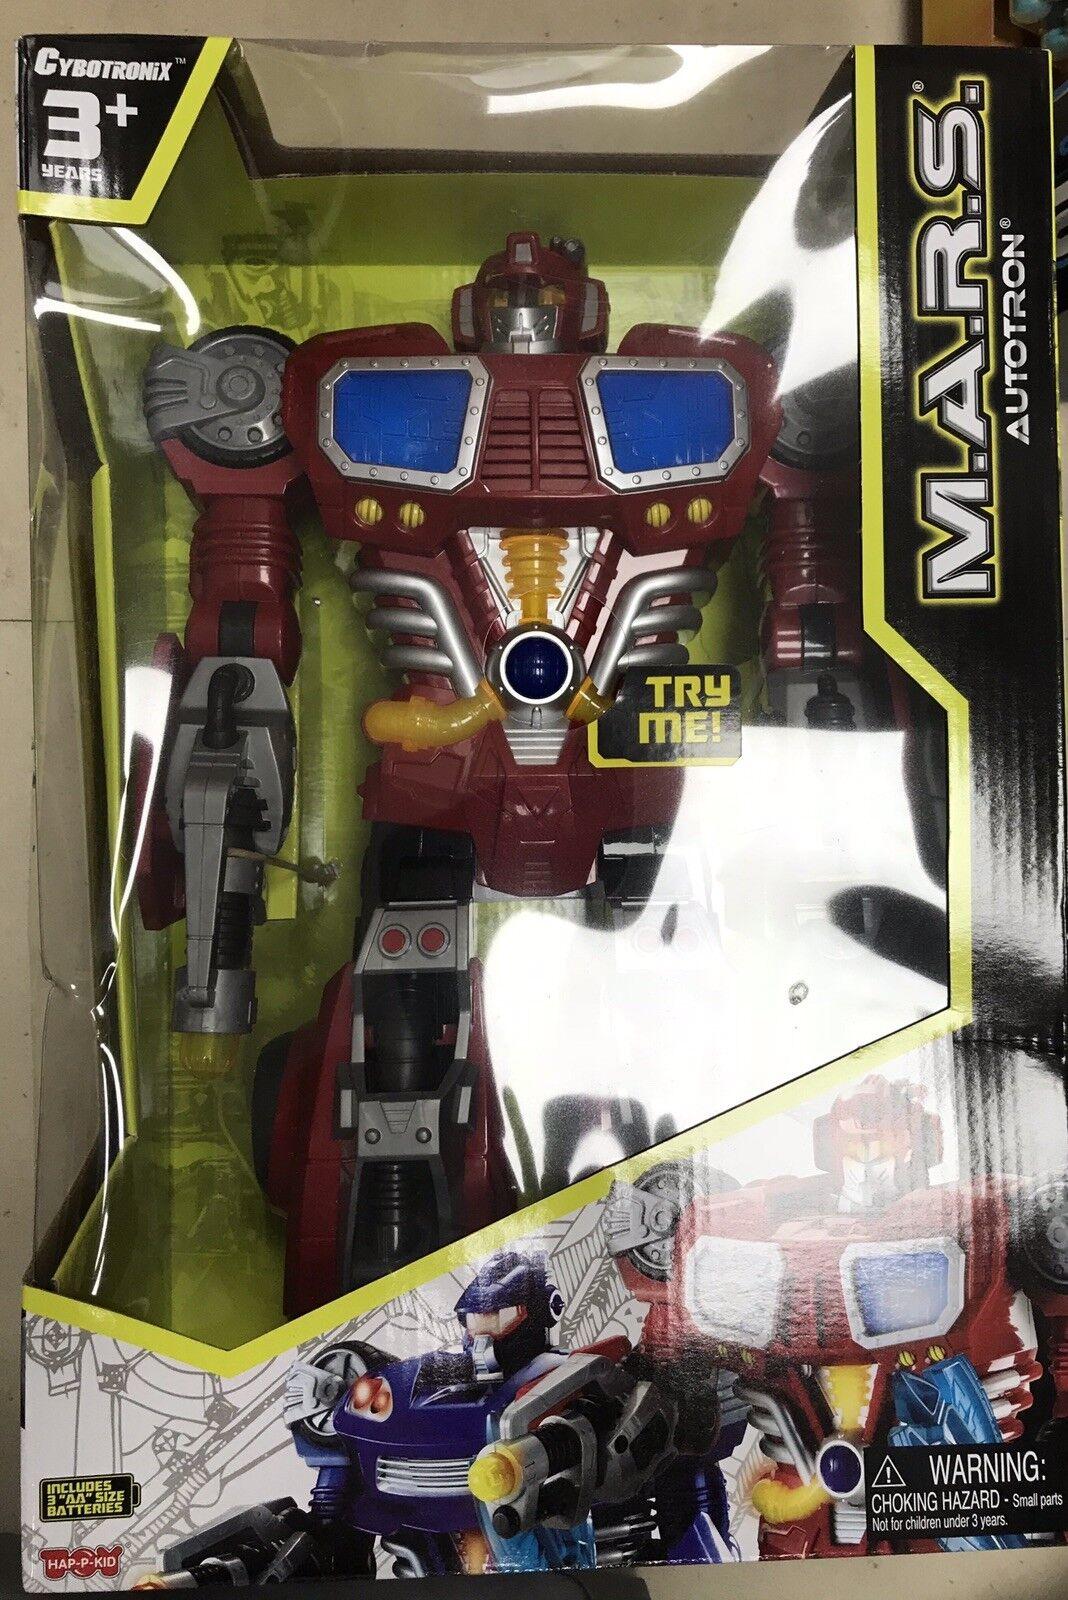 M.A.R.S. Autotron - Turbo Fighter Robot